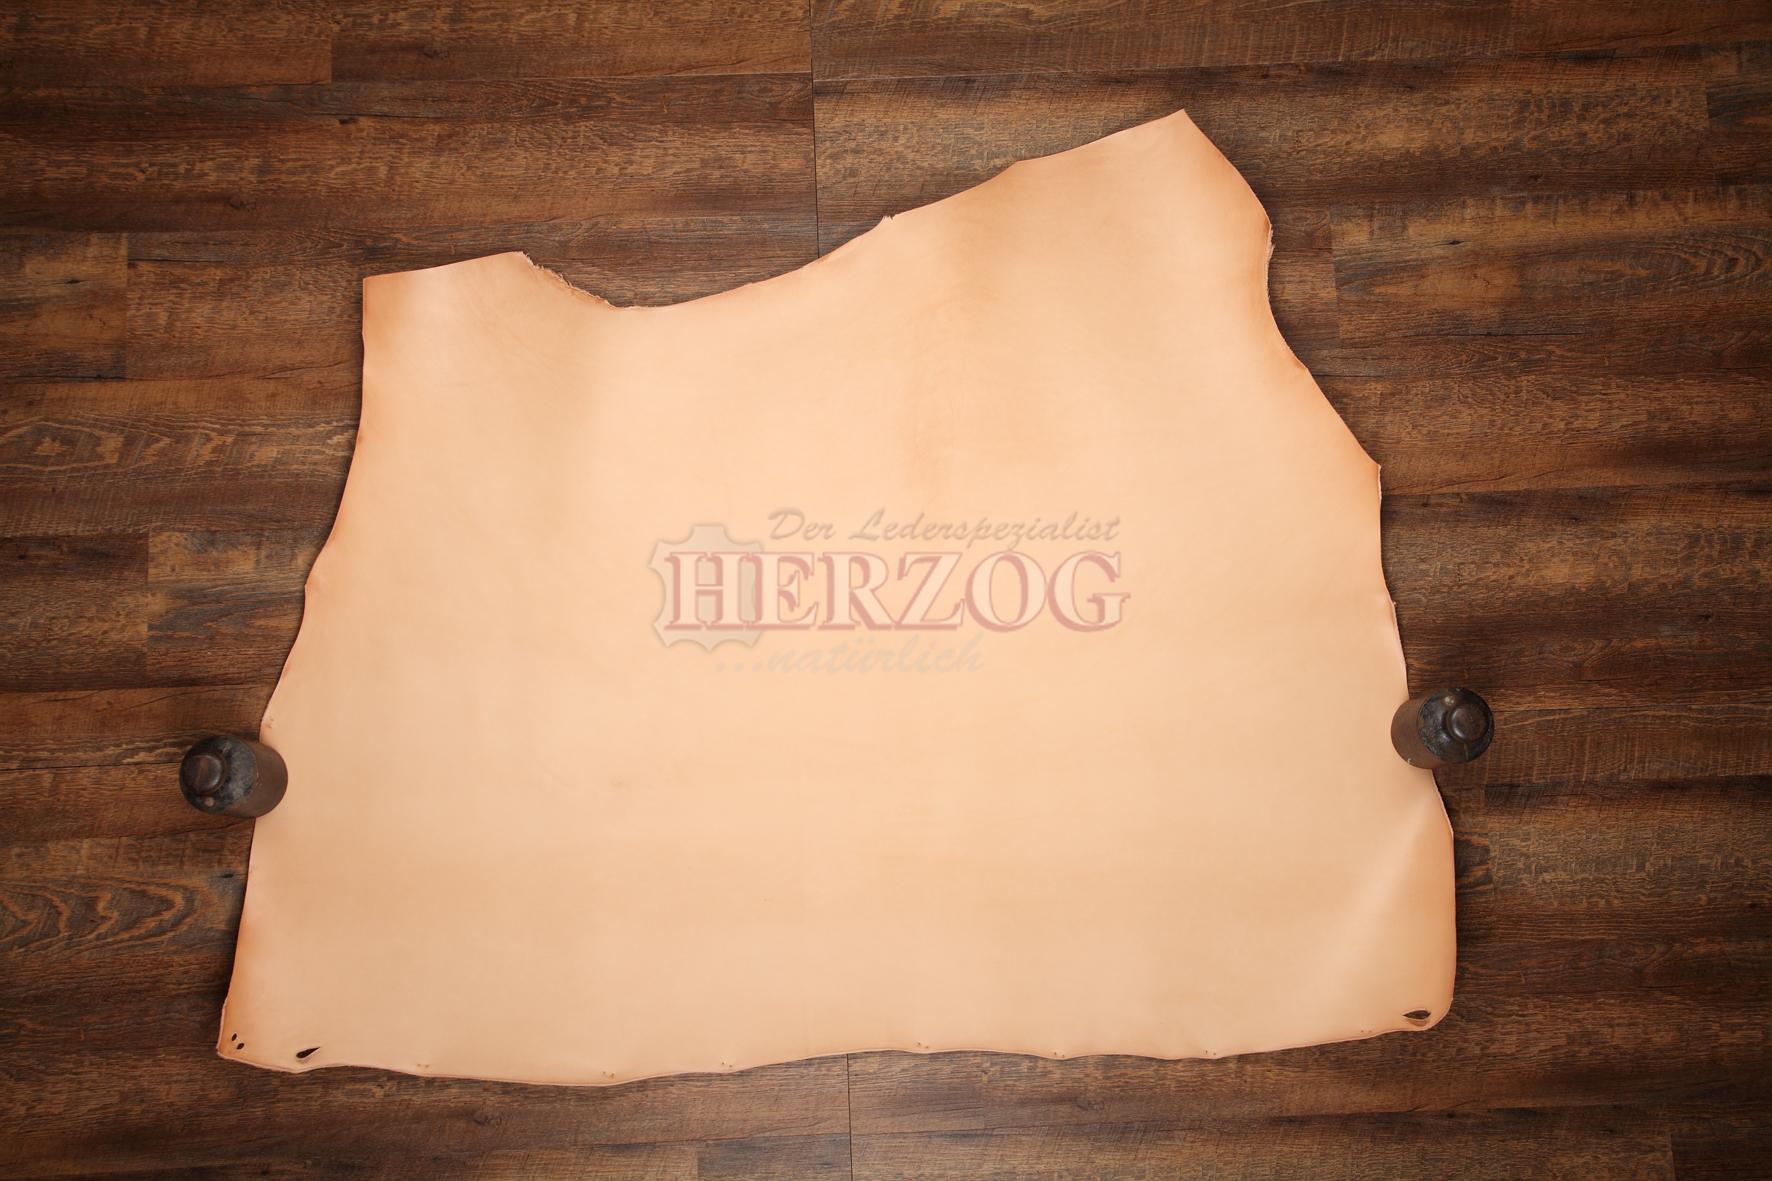 Herzog Walkleder (Hals)